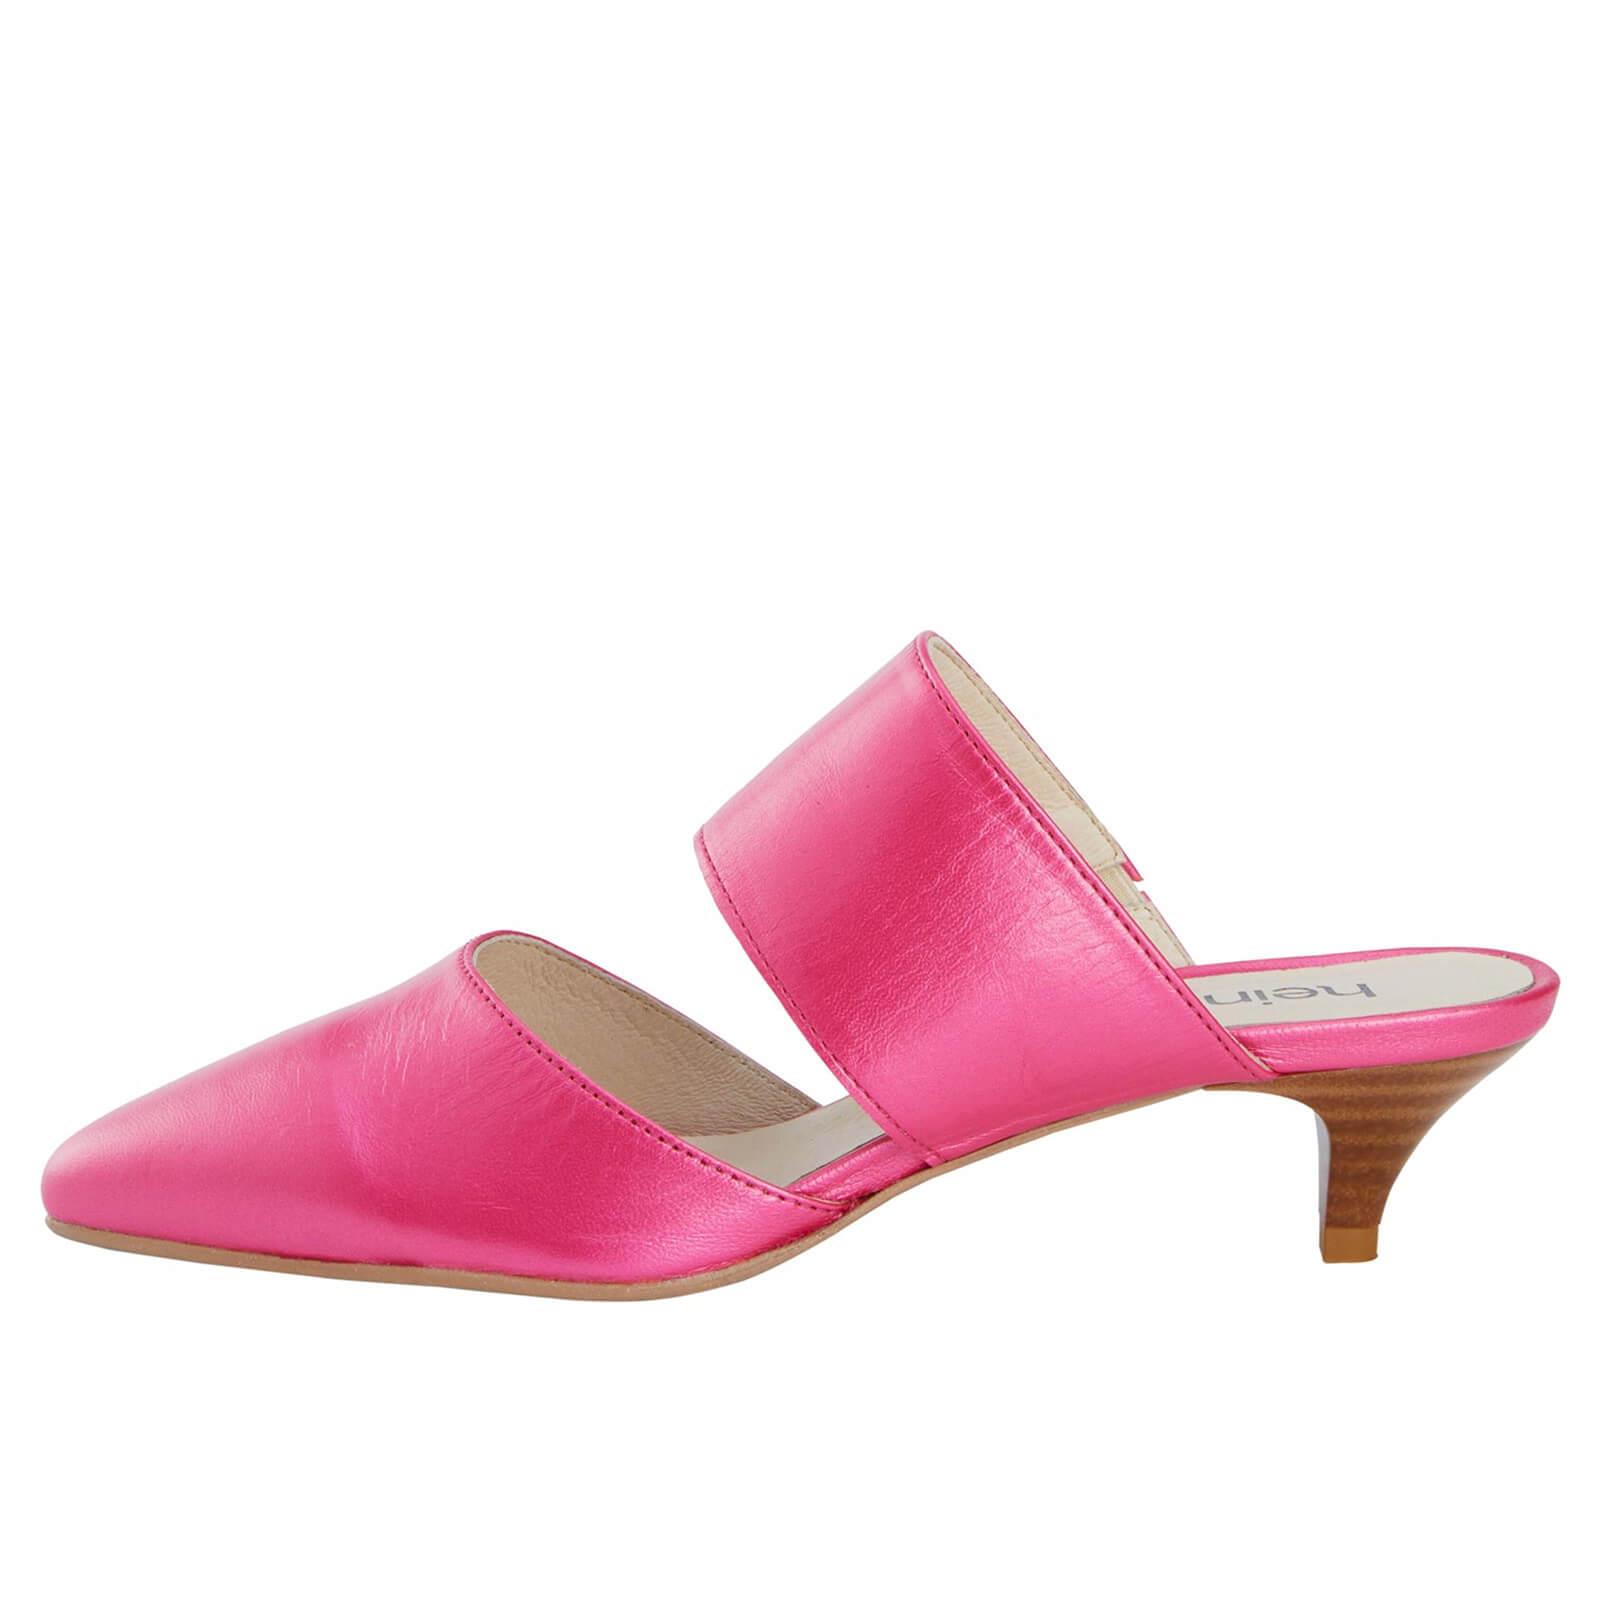 pinkfarbener Sabot